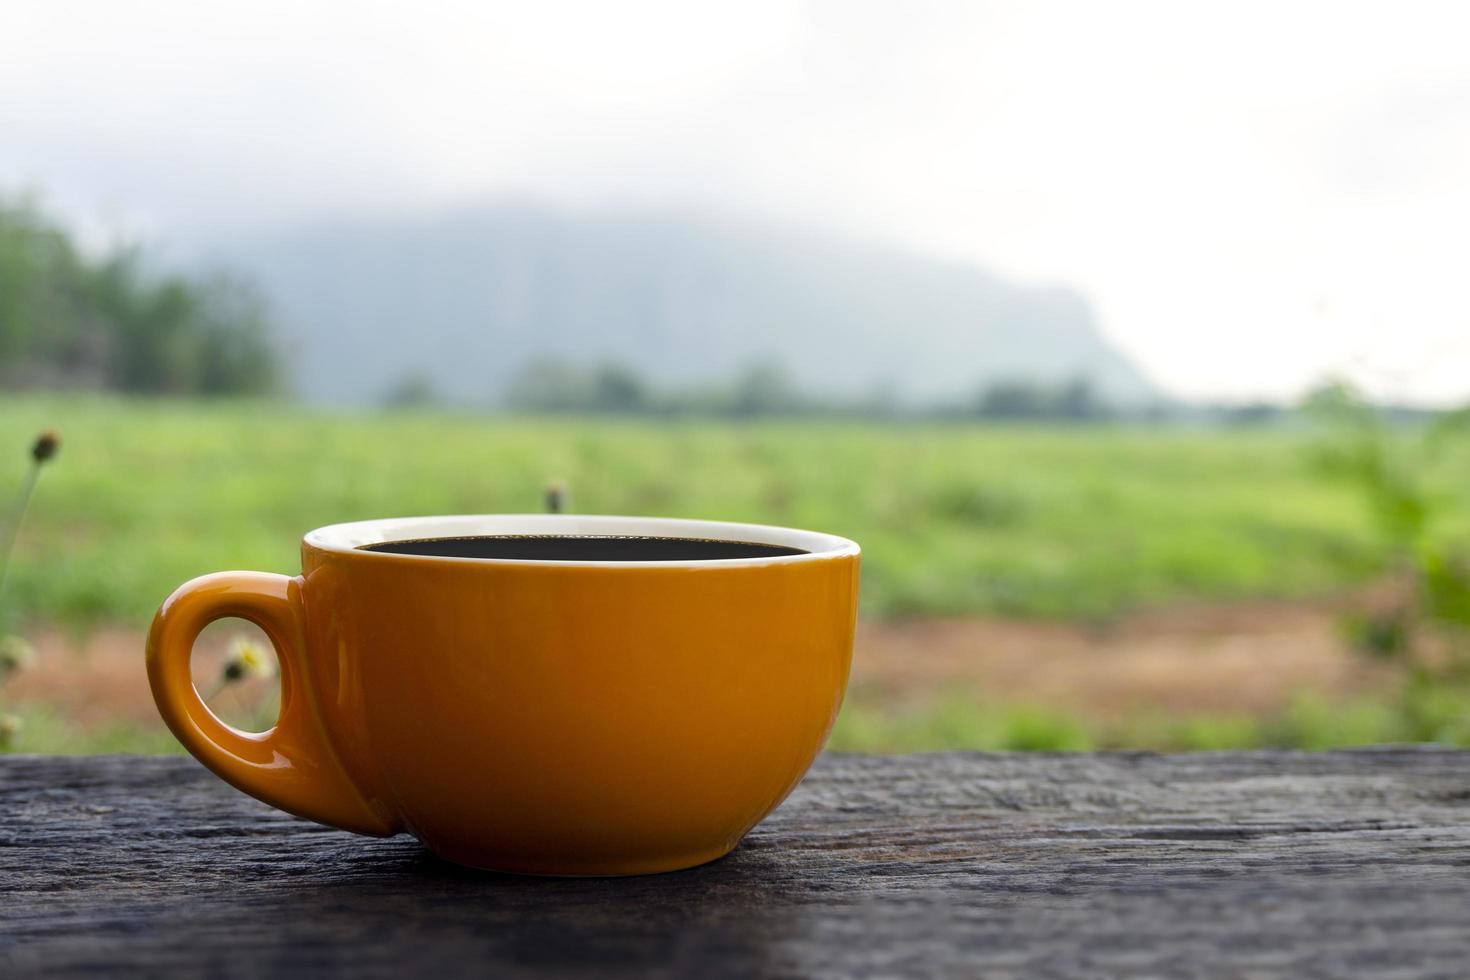 tasse de café sur la table dans un cadre extérieur pittoresque photo